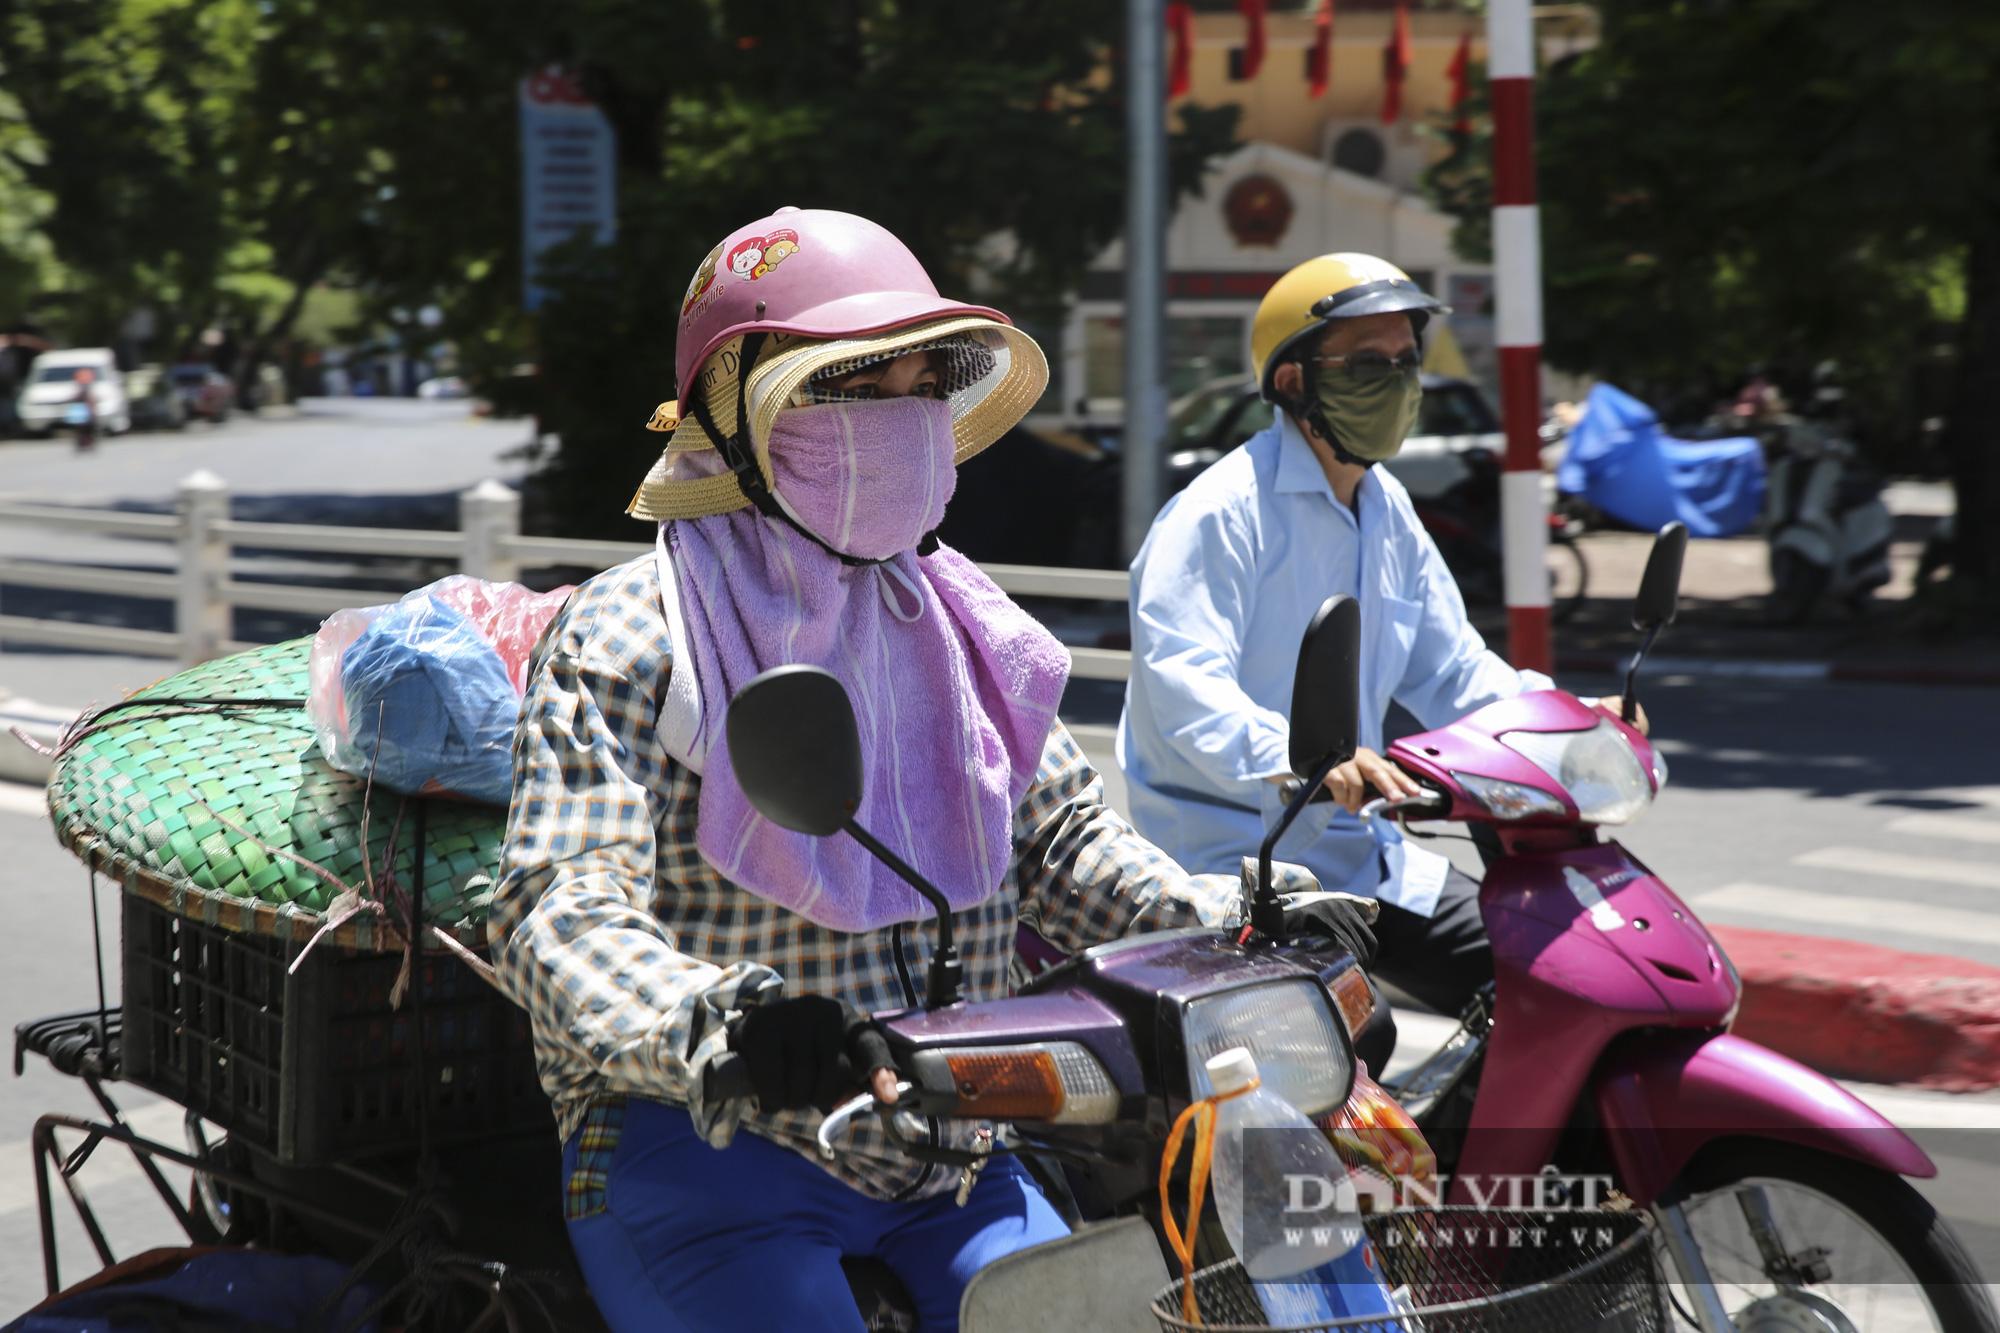 Hà Nội: Nhiệt độ mặt đường nóng hơn 60 độ C khiến ảo ảnh xuất hiện - Ảnh 4.